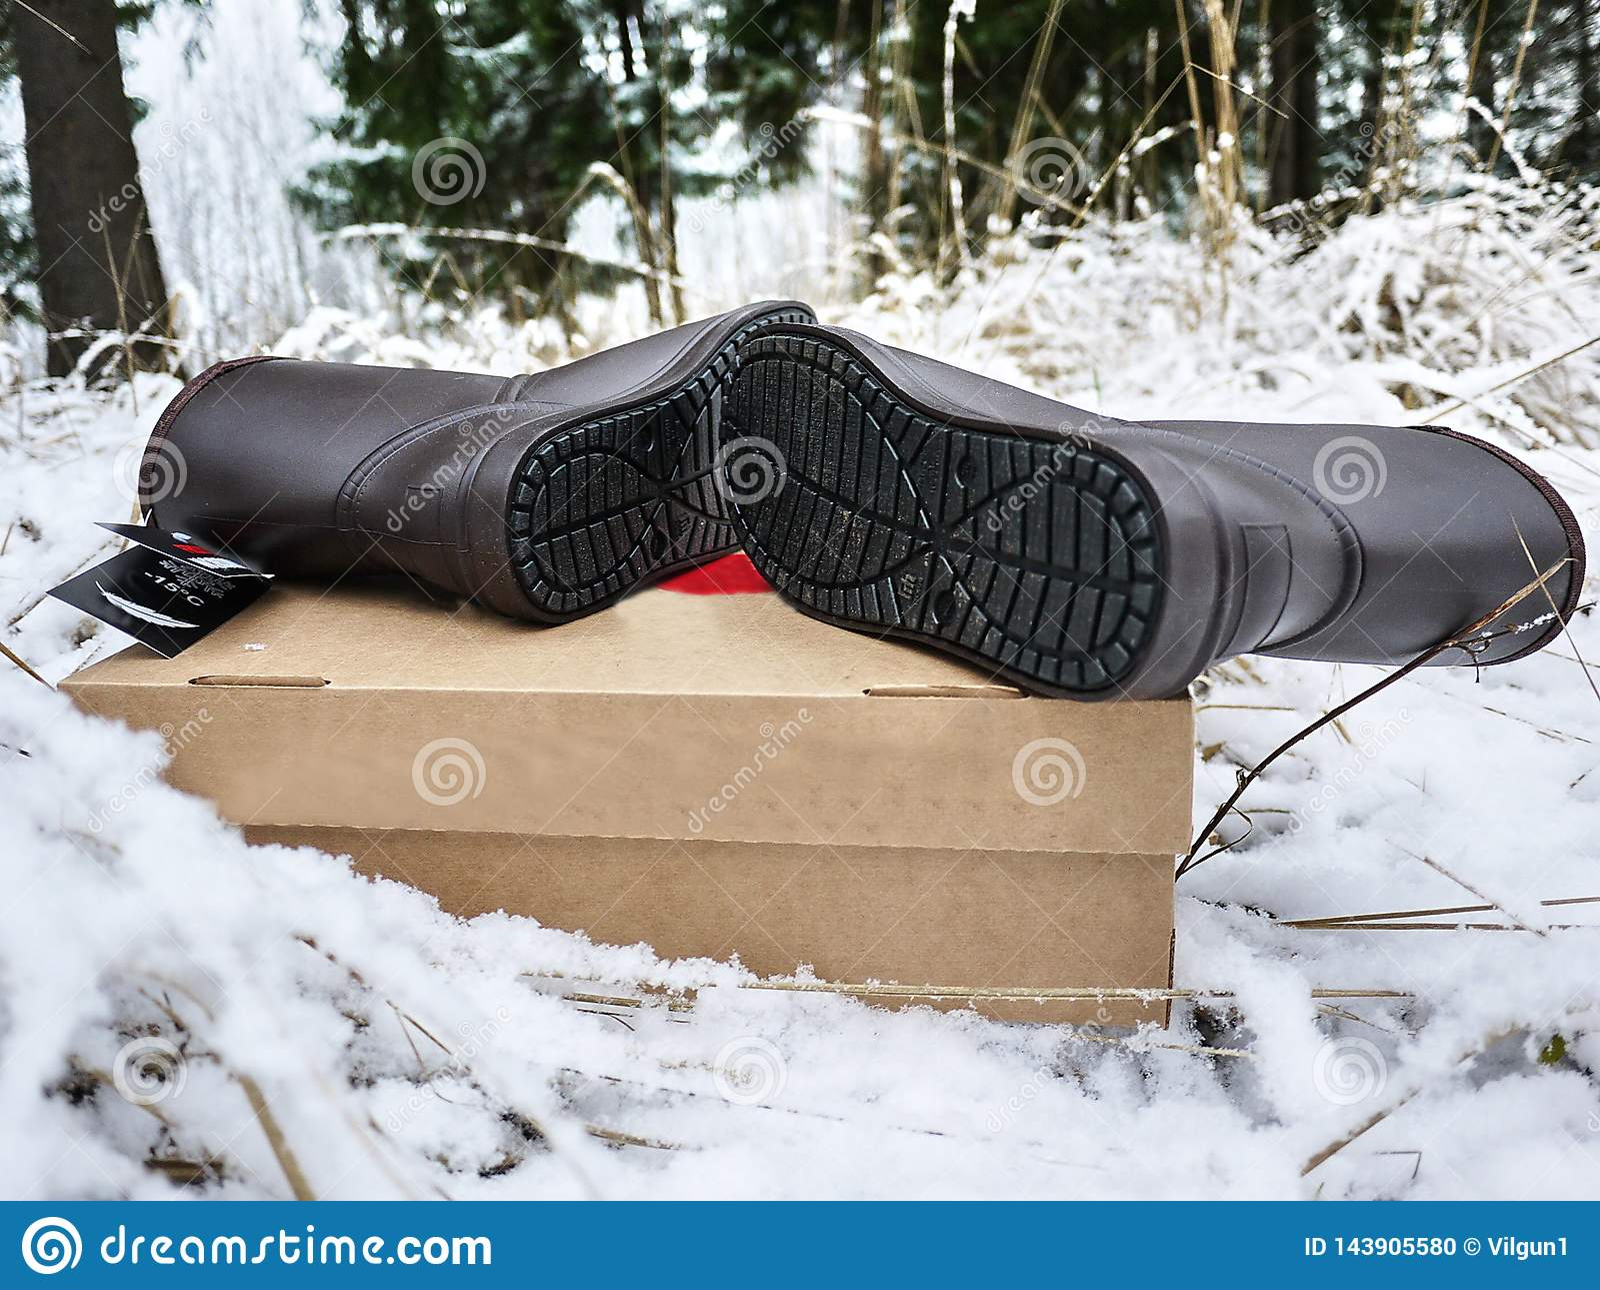 Stiefel das ugg der Frauen Details, Nahaufnahme, Winterwetter und Warmstarte